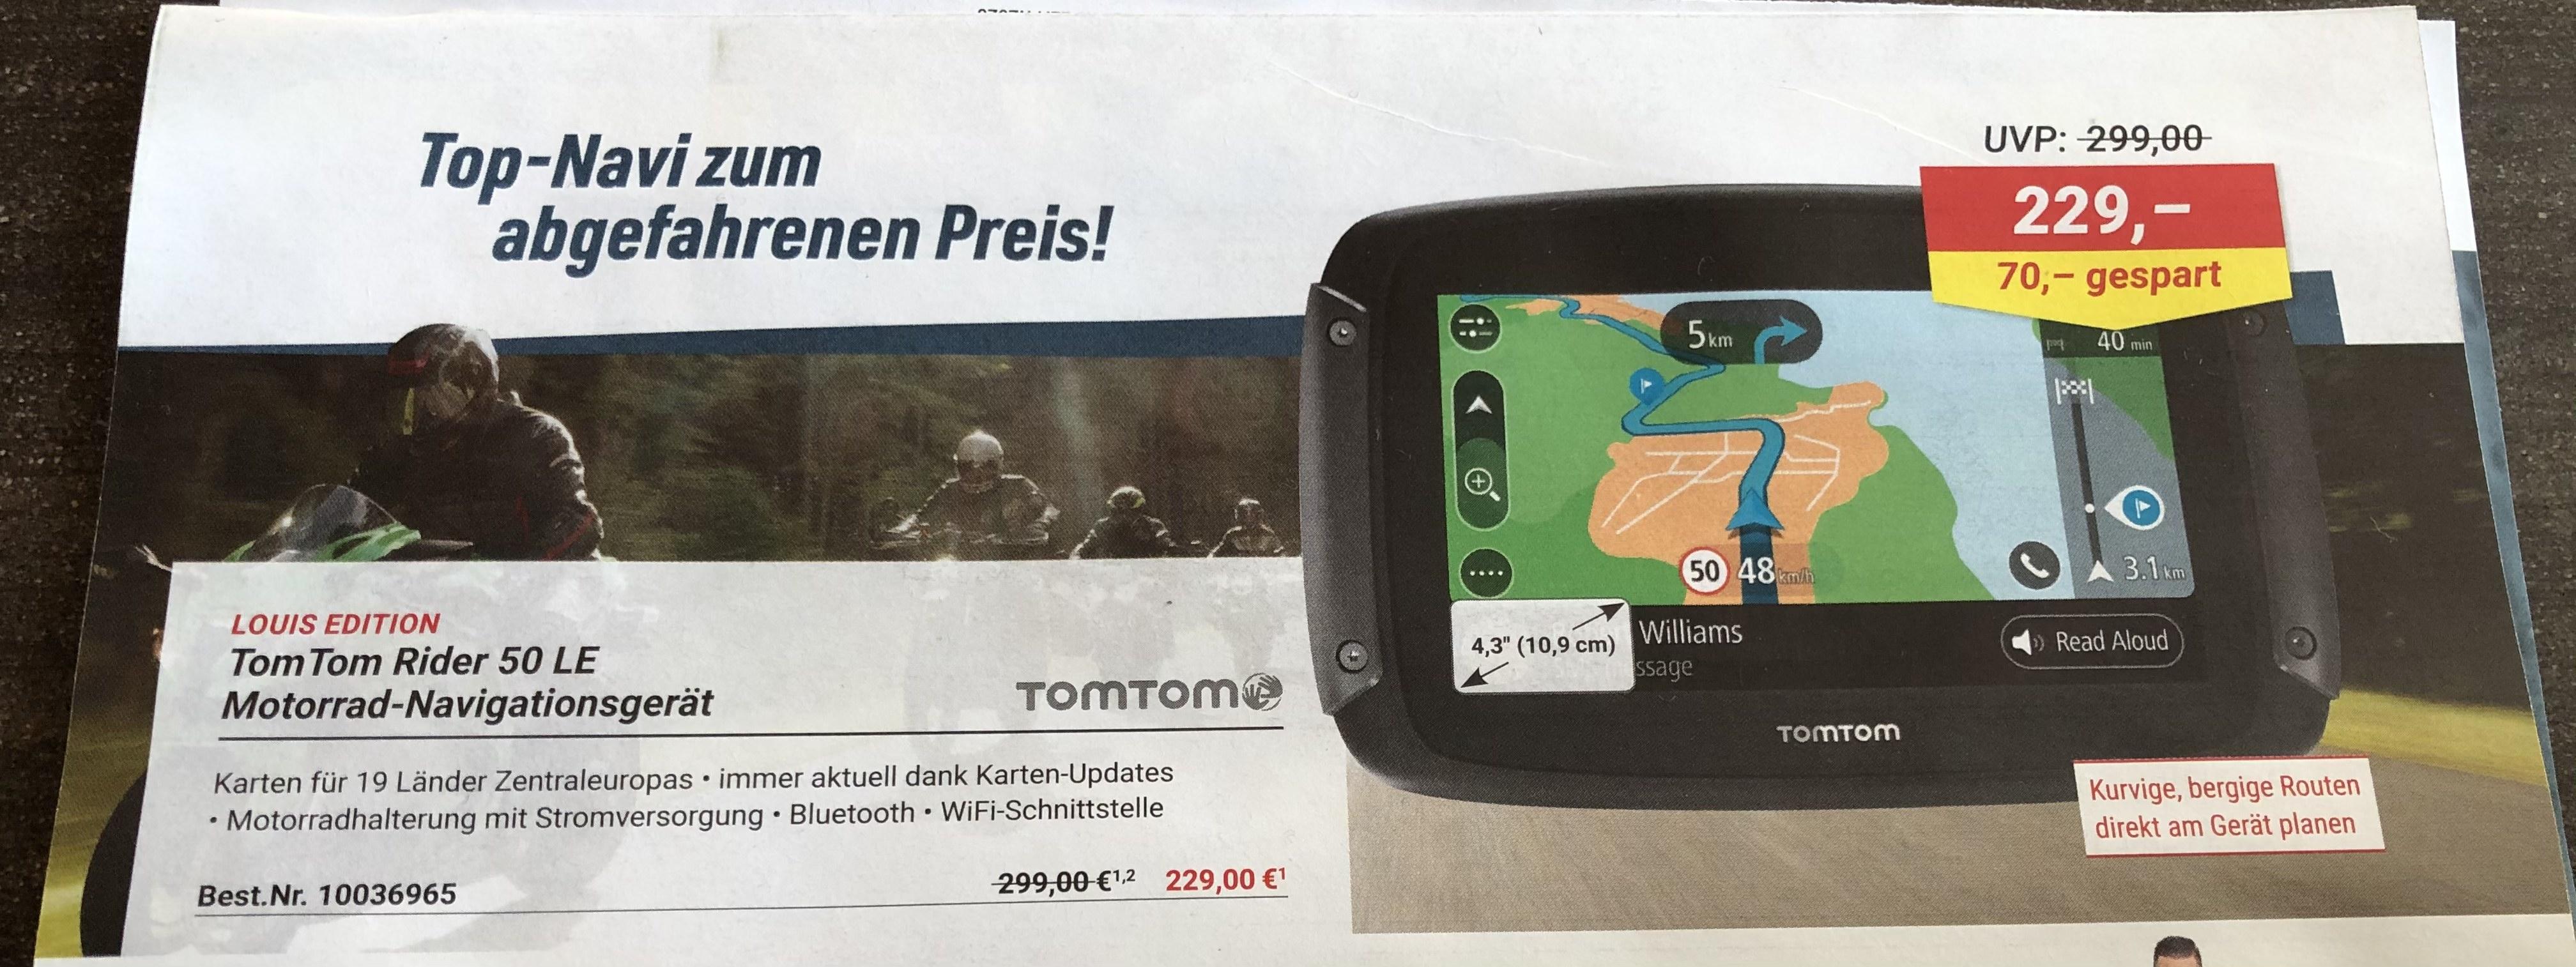 TomTom Rider 50 LE - Motorrad-Navigation